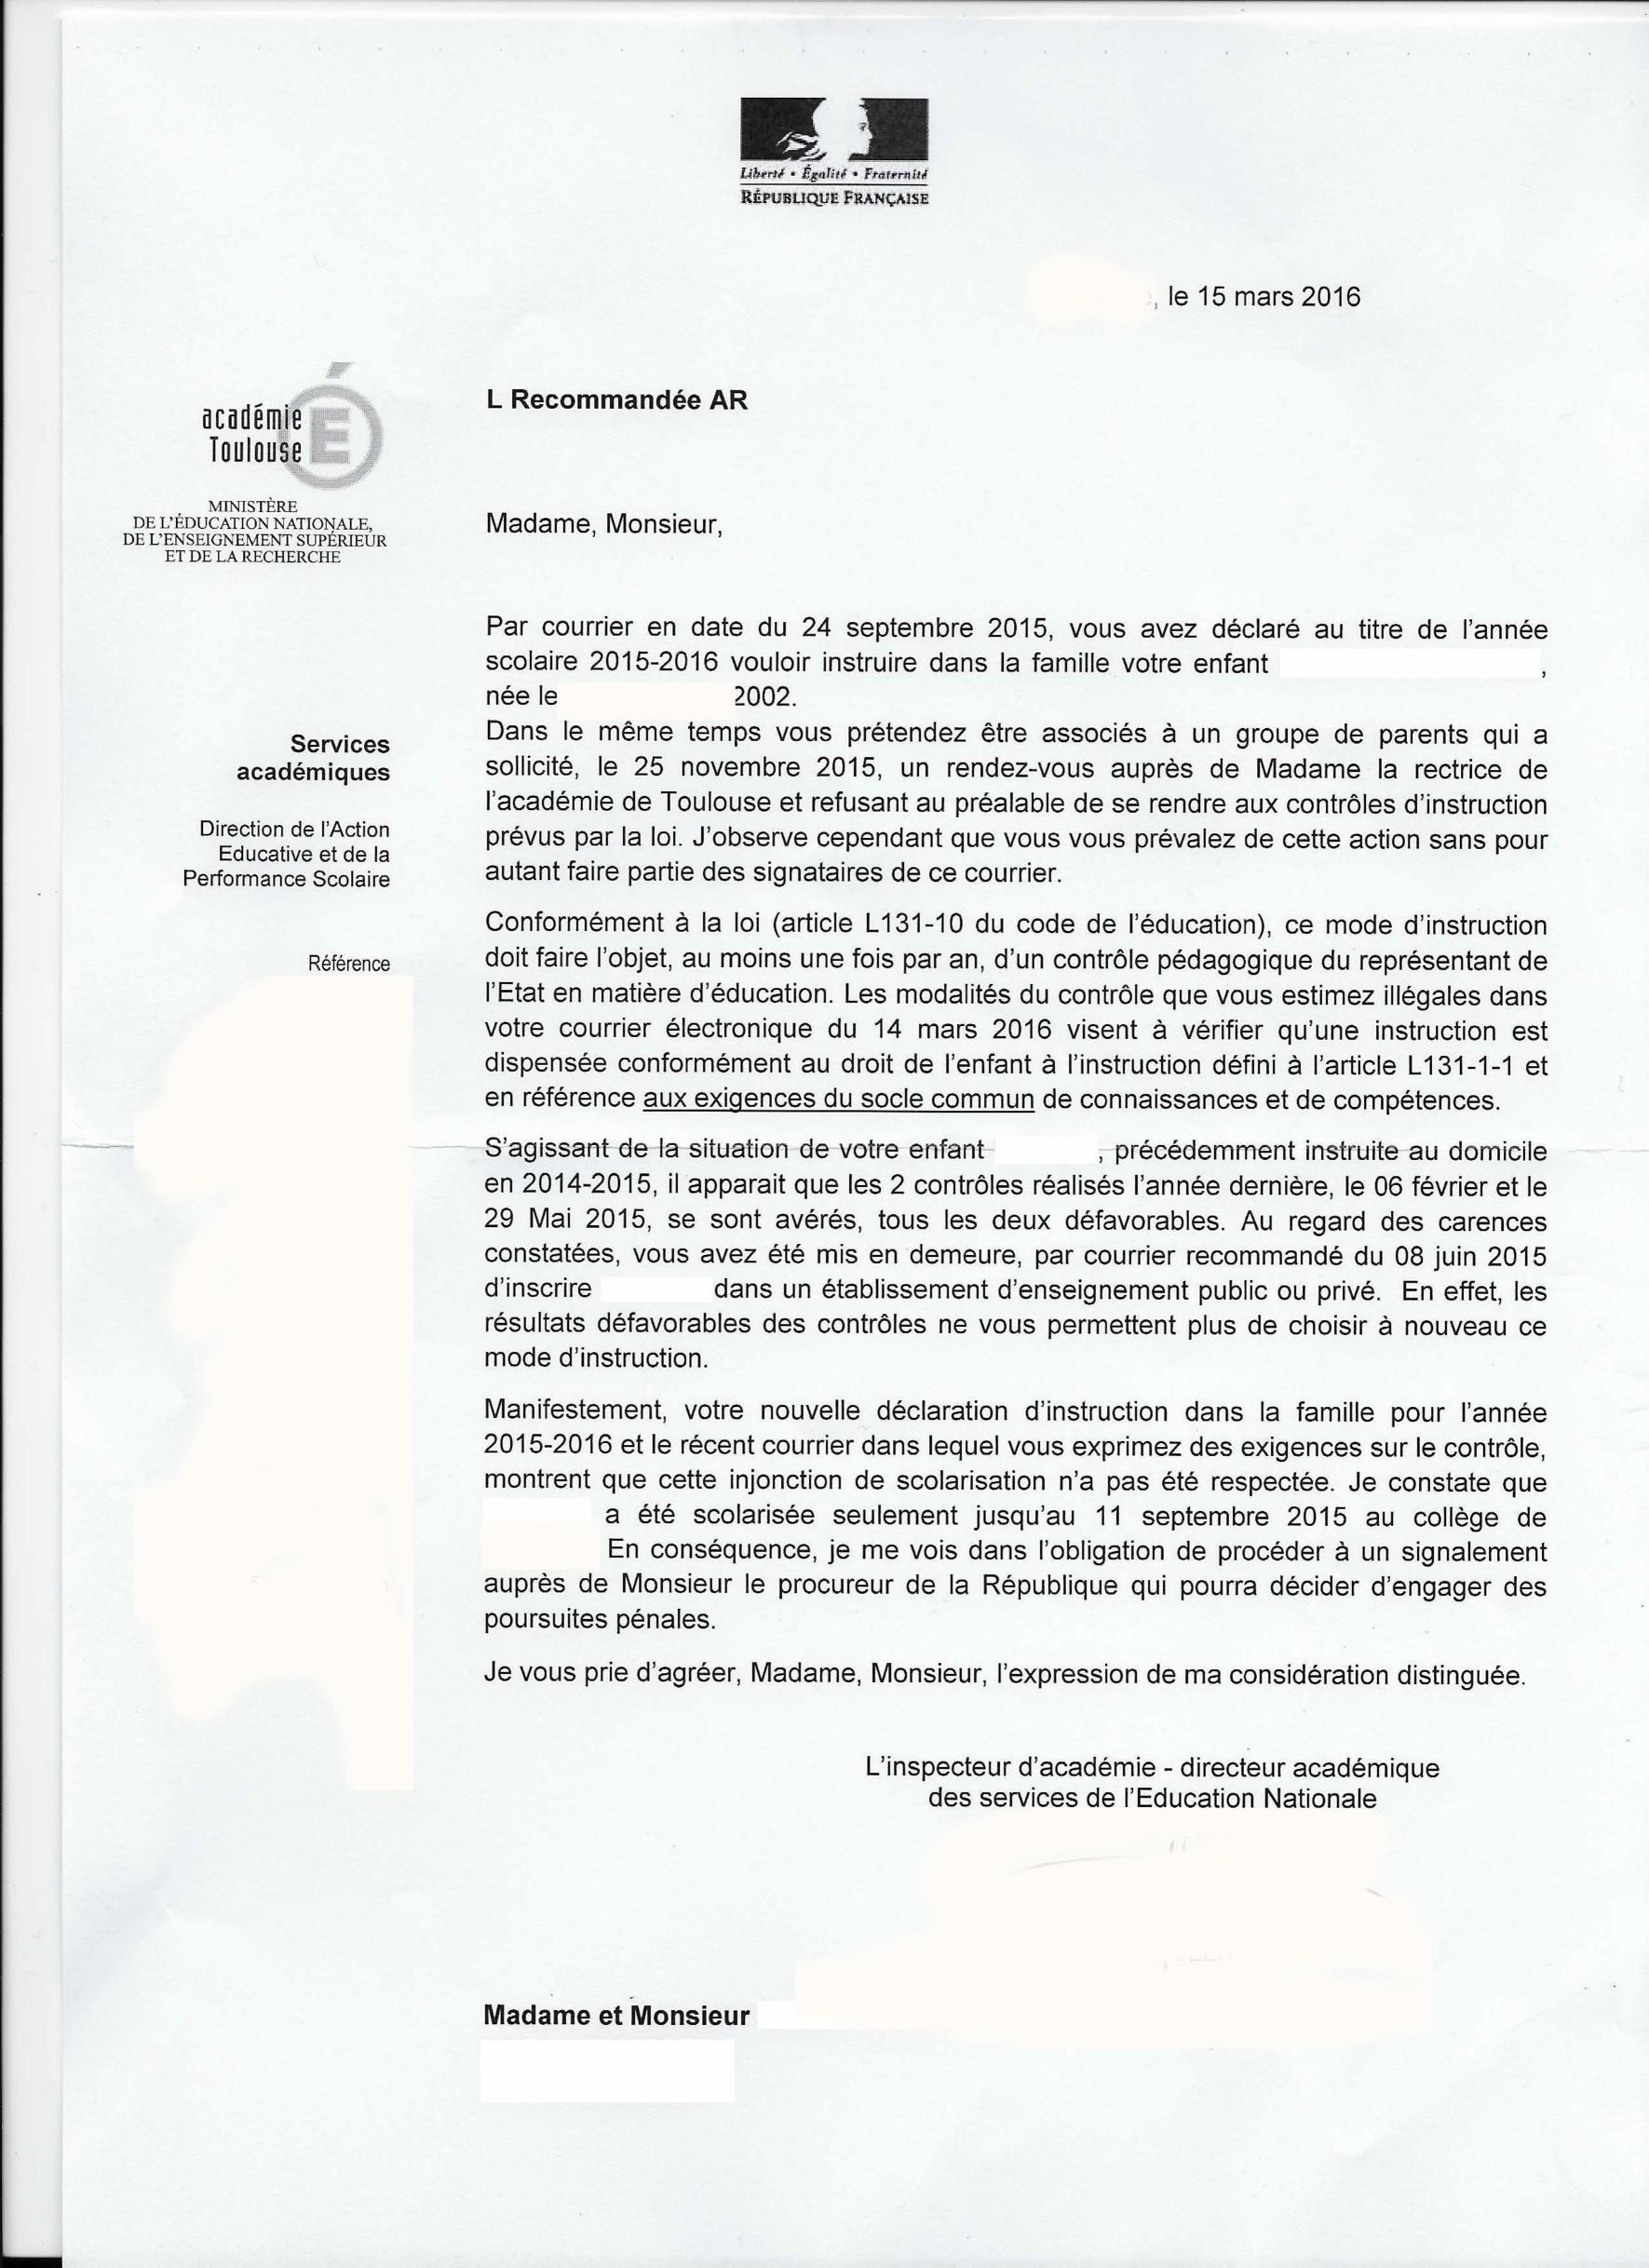 Pdf Signalement Au Procureur De La Republique